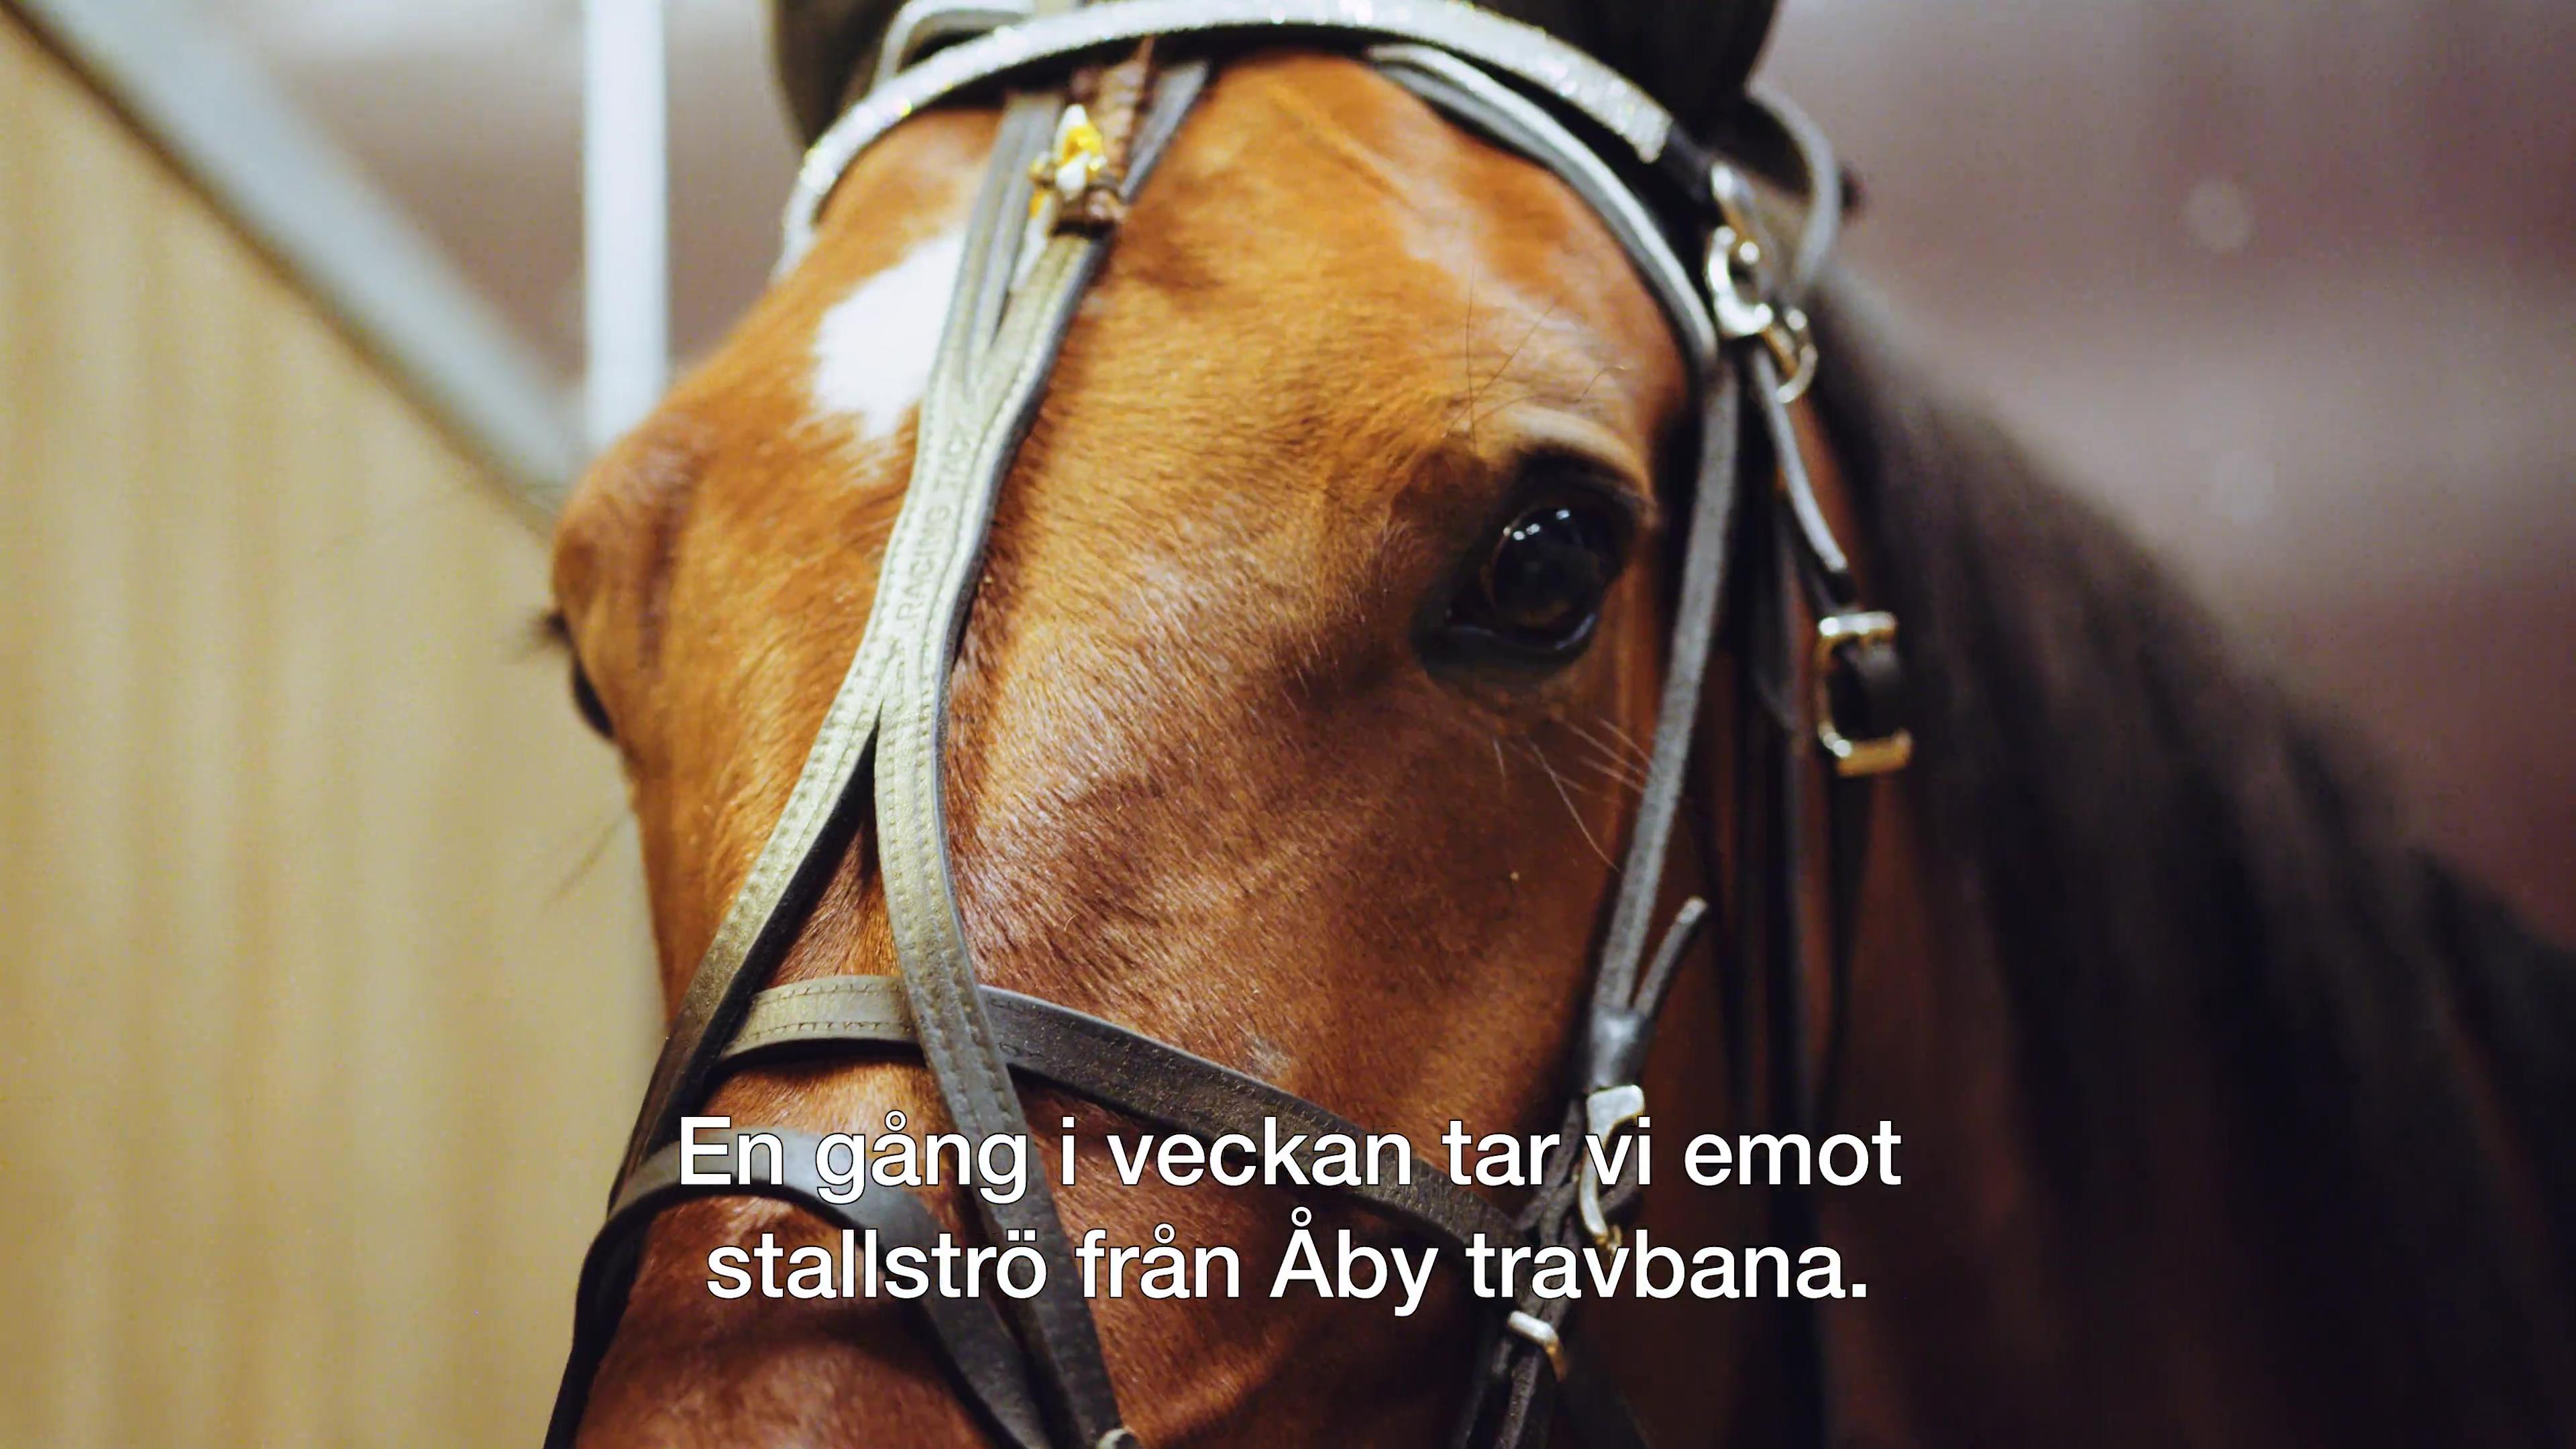 Mölndal_Åby_Med_Text_4K_2